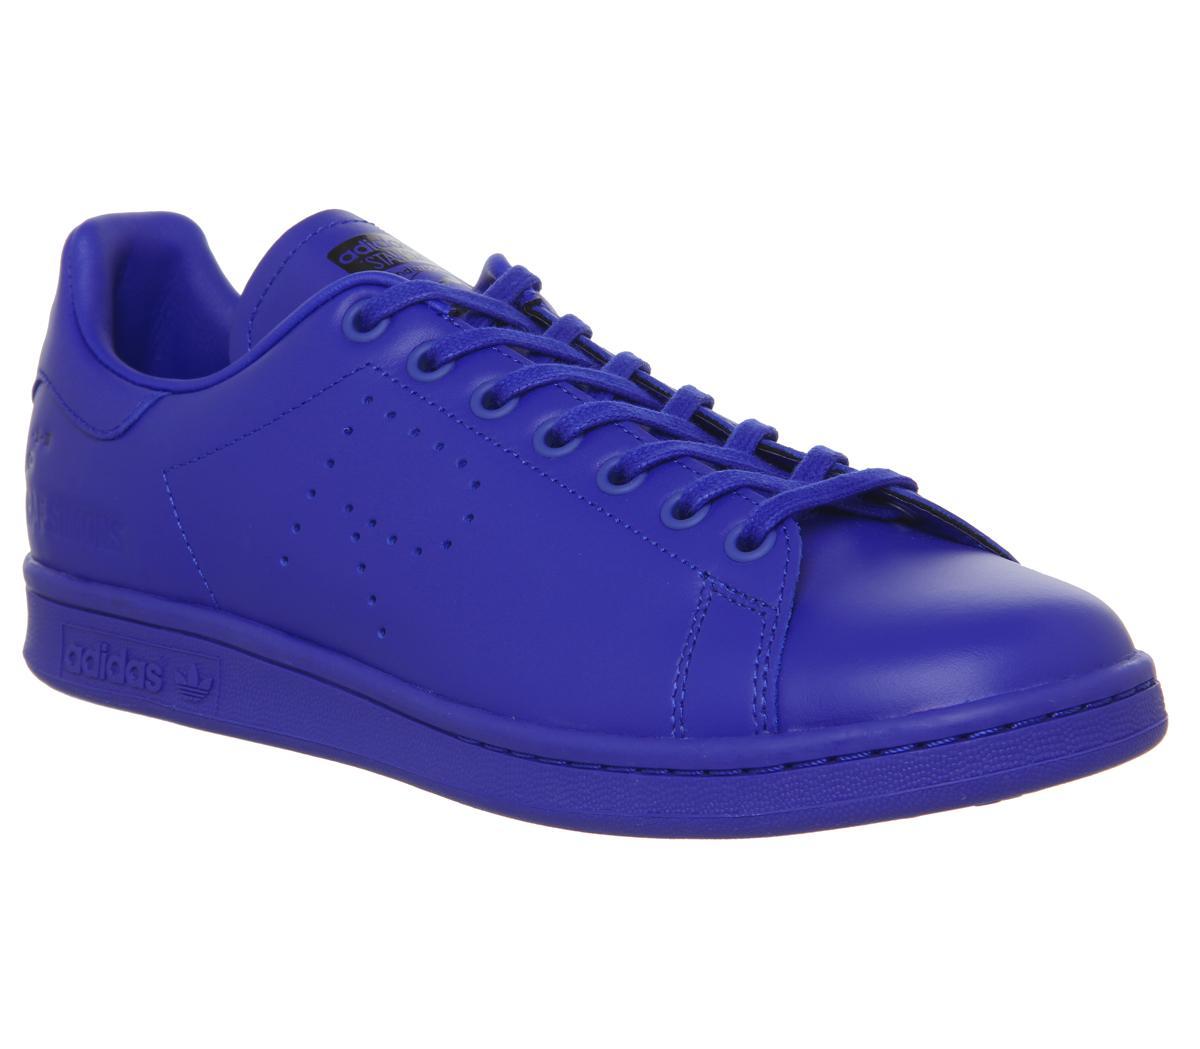 adidas Raf Simons Raf X Stan Smith Trainers Po Blue Ink